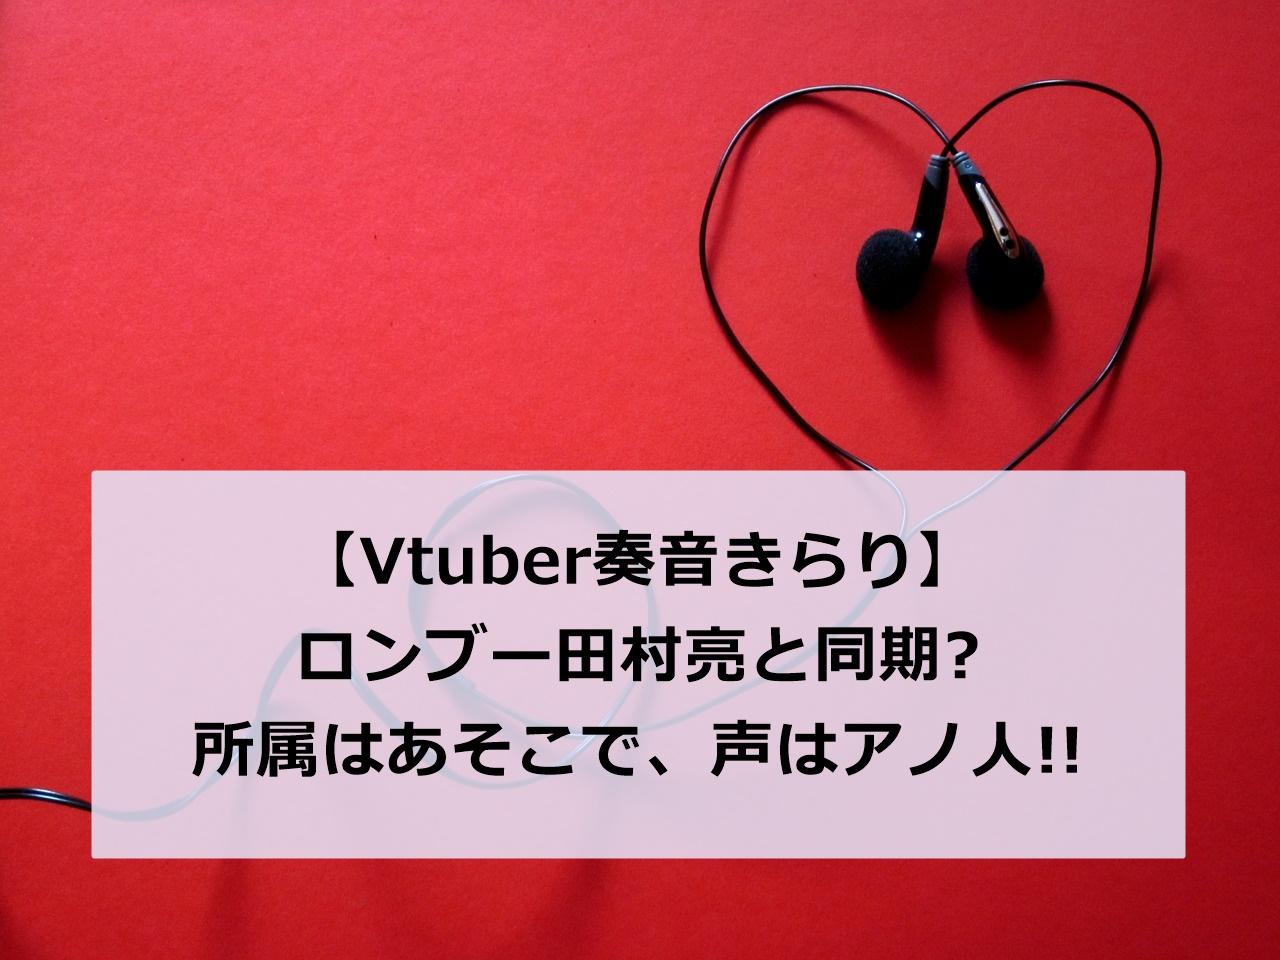 田村亮の同期はVtuber⁈奏音きらりの声はアノ人!!チャンネルや活動を調査